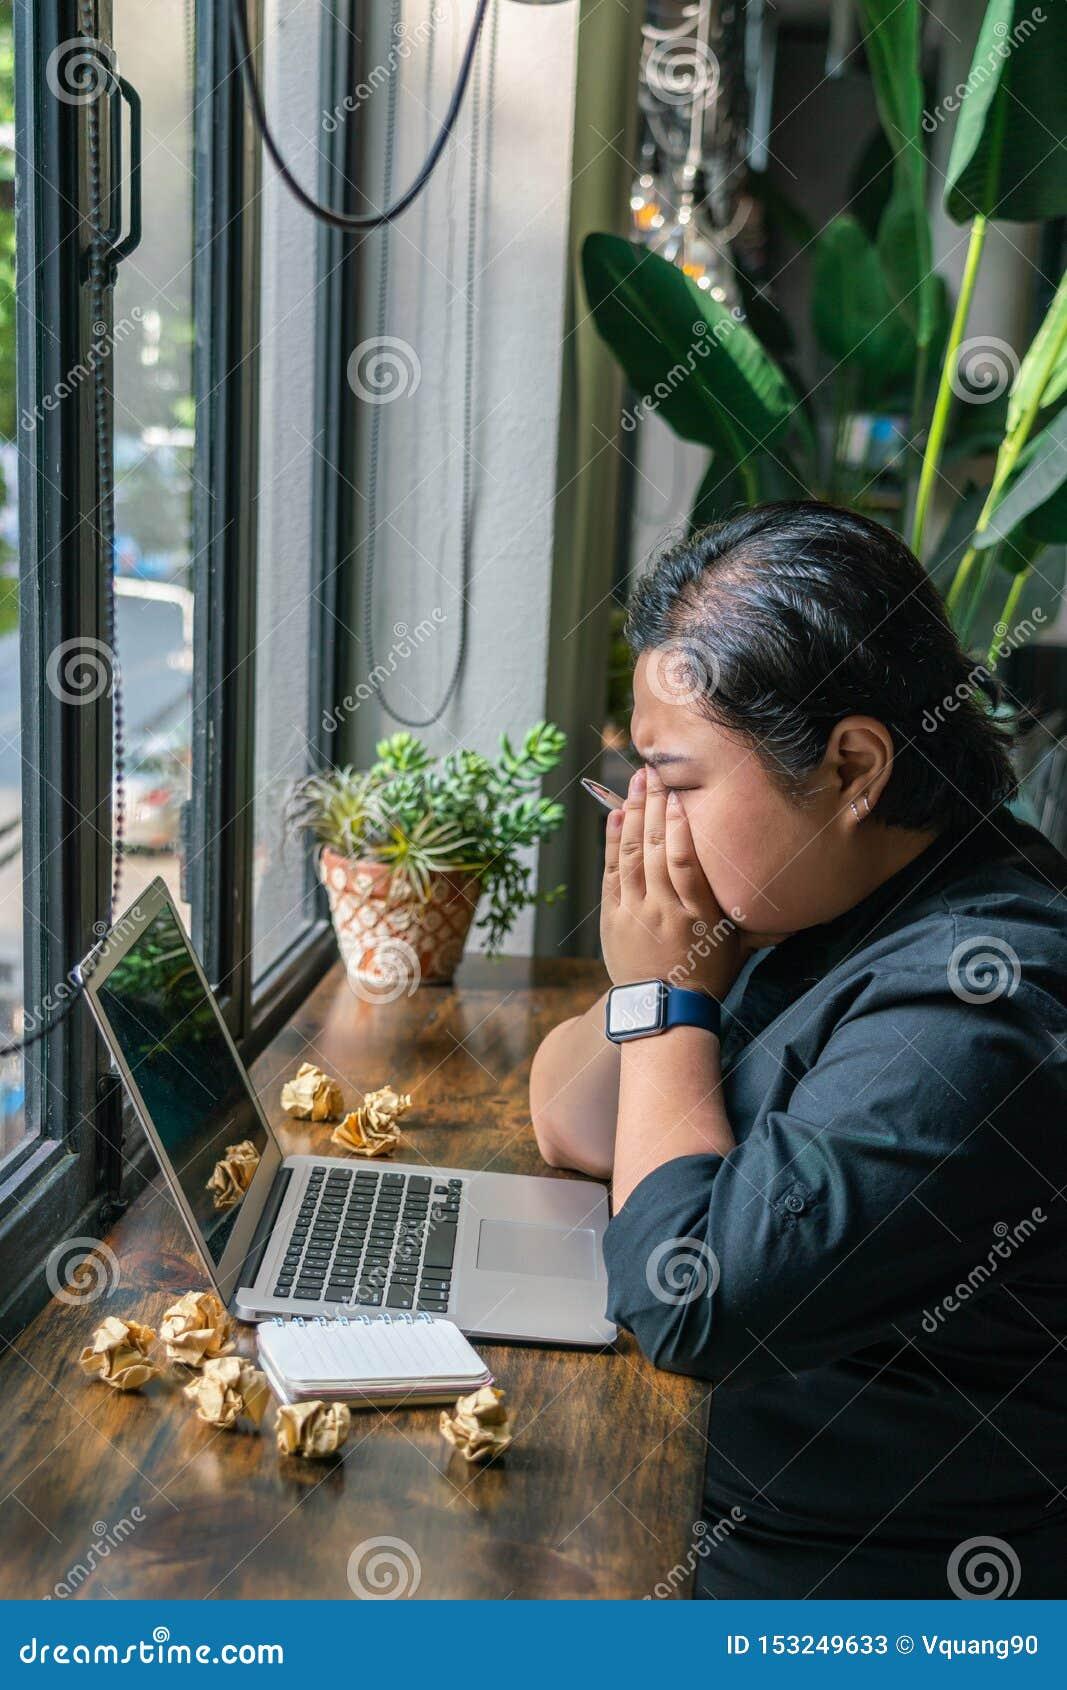 Lesbica asiatica frustrata che si siede con il computer portatile e le palle di carta sgualcite